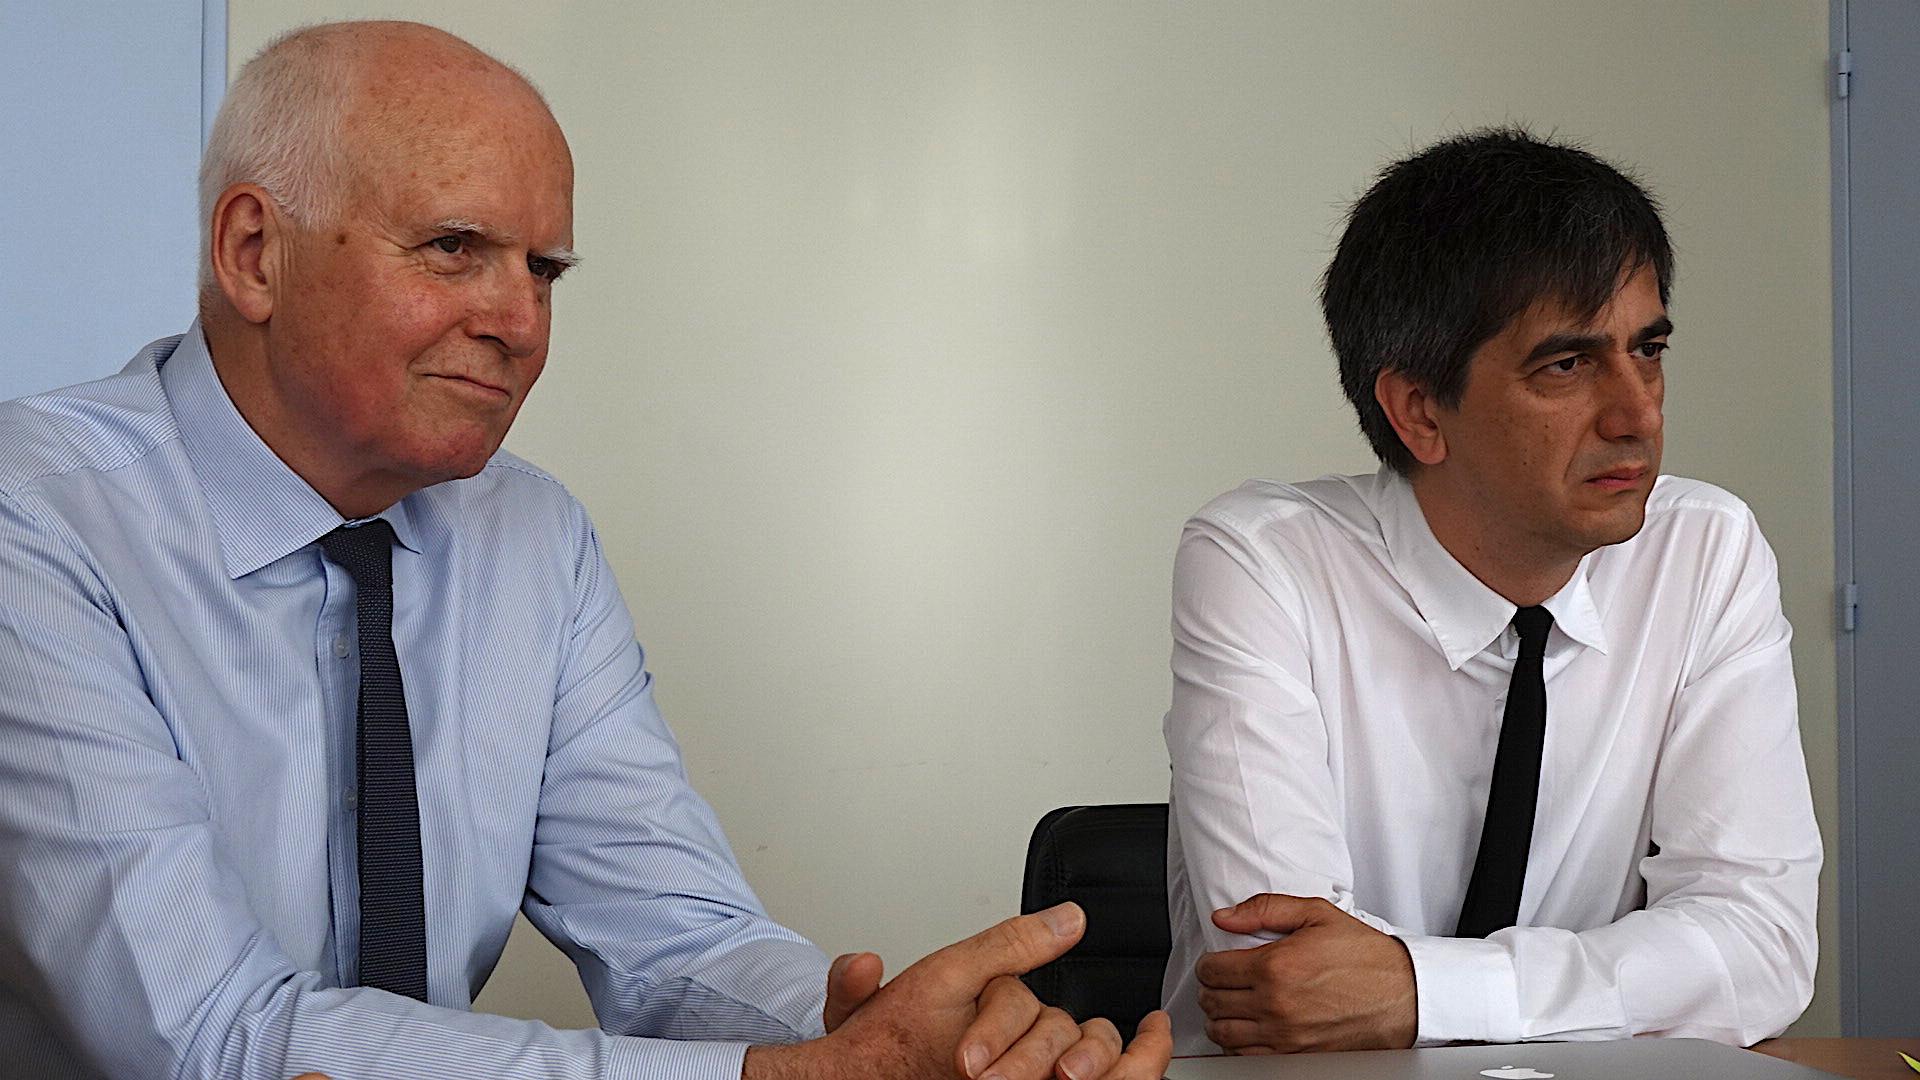 Yvon Alain (à gauche) : Il quittera ses fonctions au mois d'Août